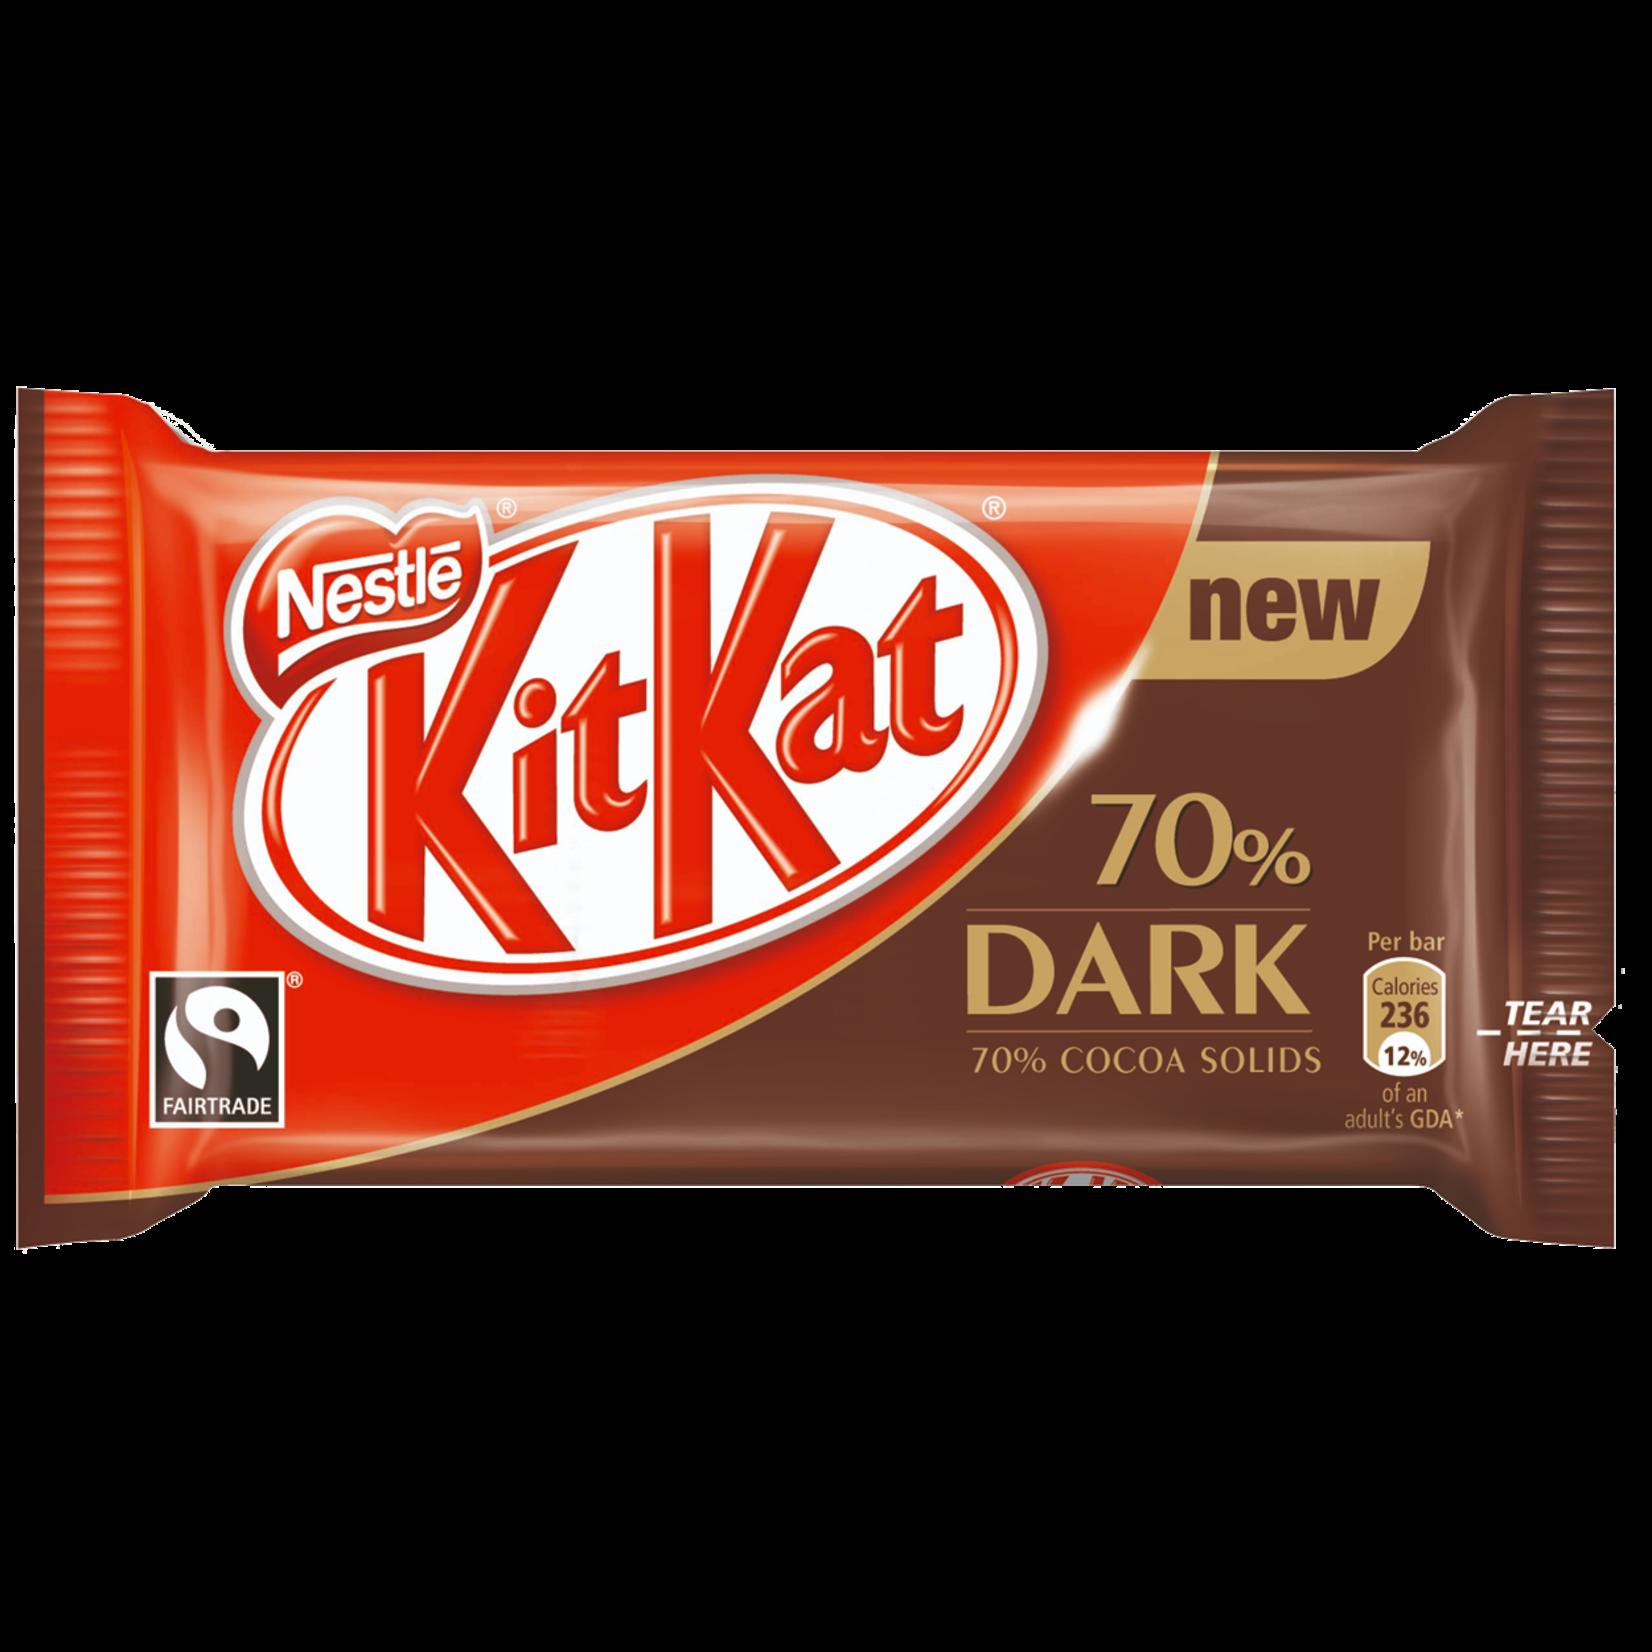 Kit Kat Dark, 41.5g